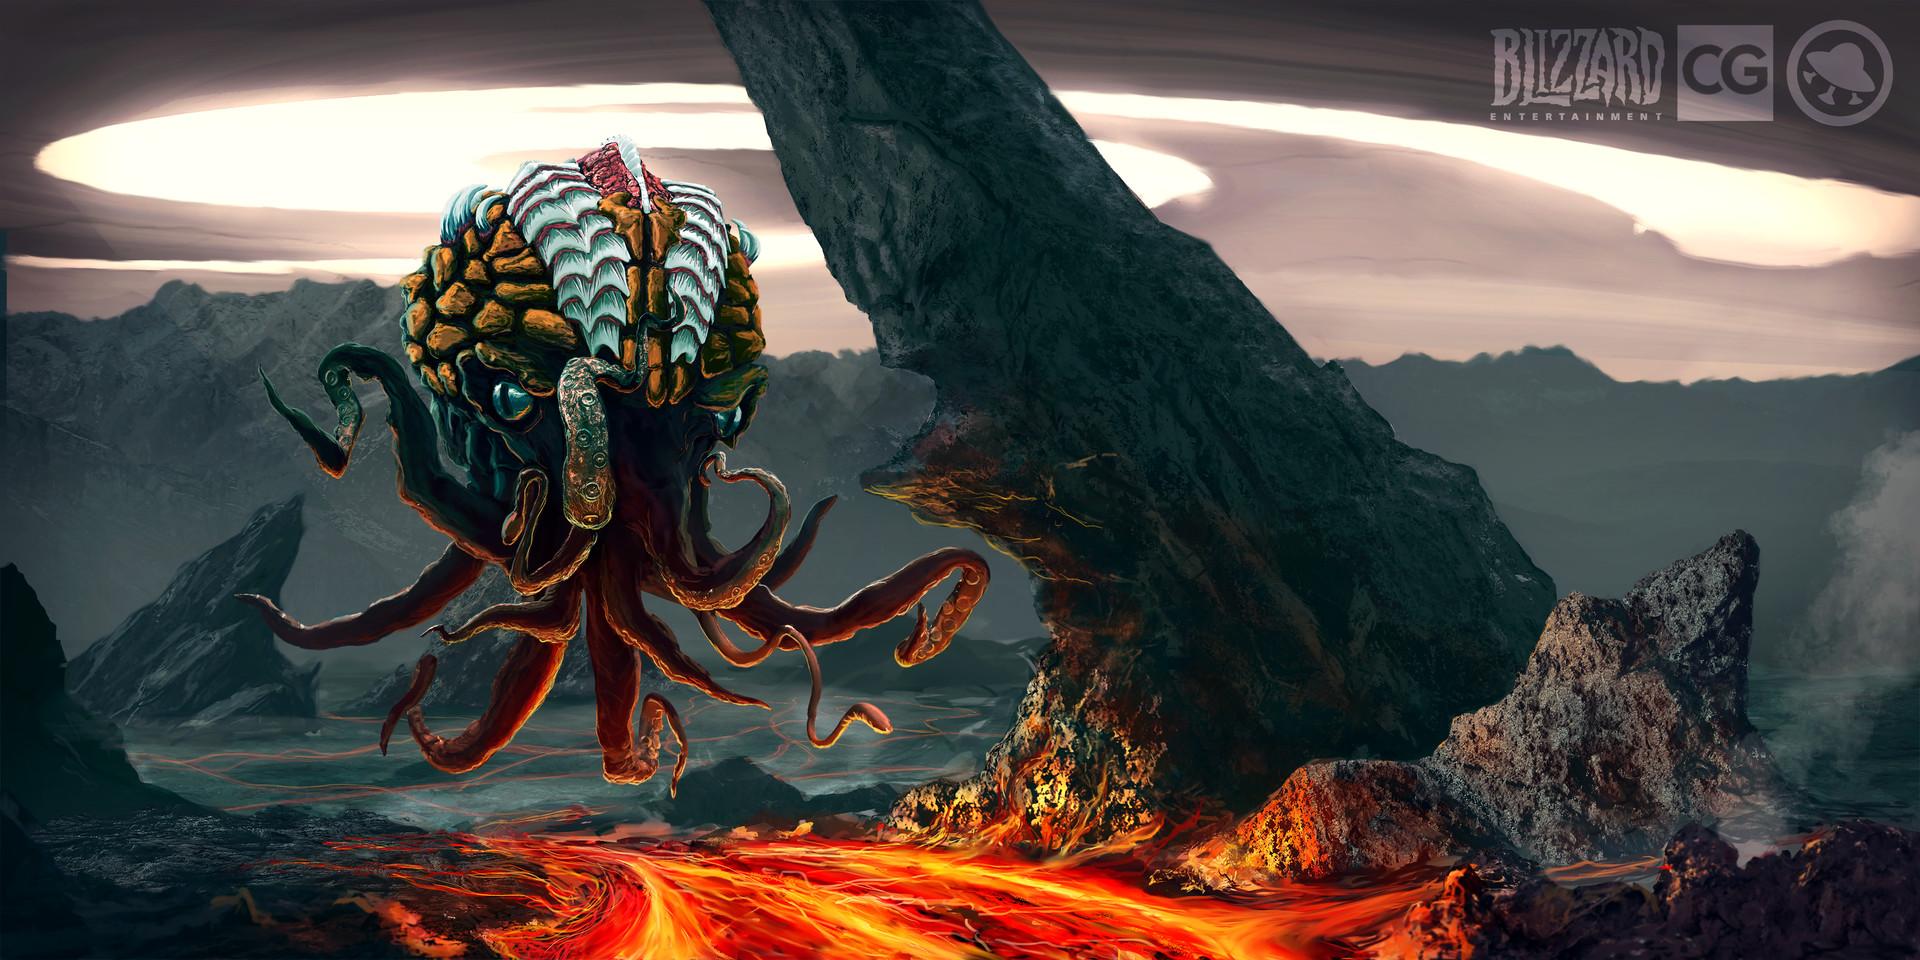 Max korablev zerg illustration